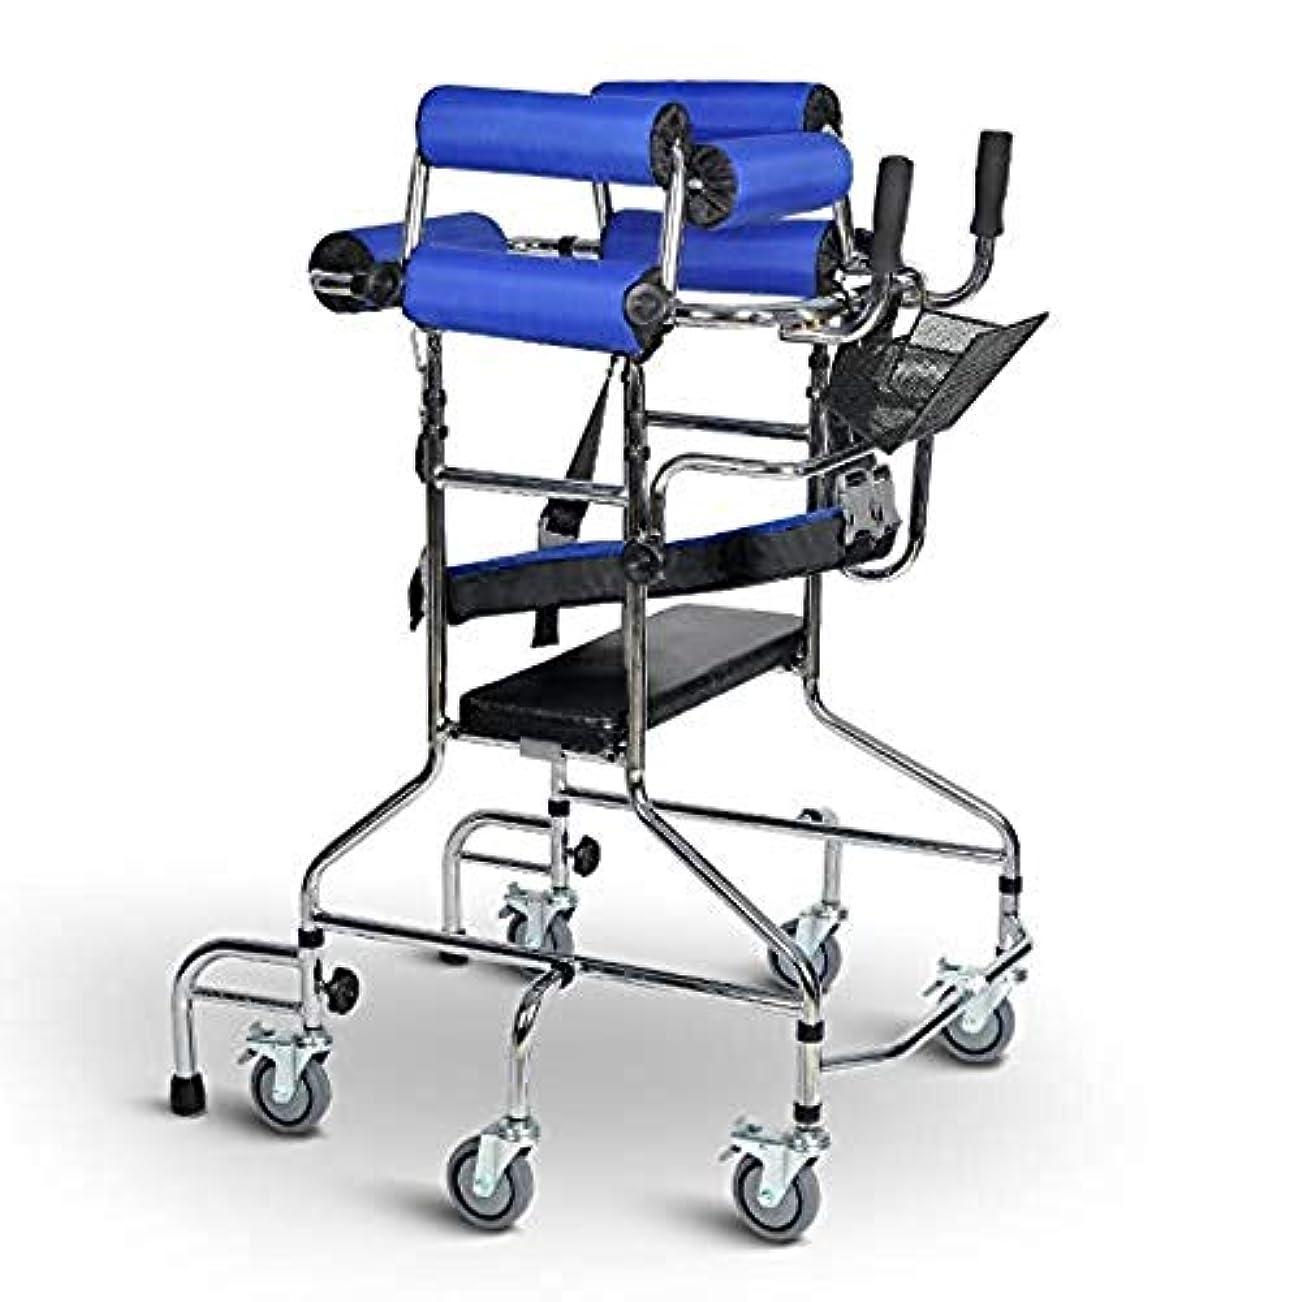 レビュー頼むパパ滑車の大人の歩行フレームの歩行者、高齢者の歩行者の訓練装置は下肢の歩行フレームを助けました